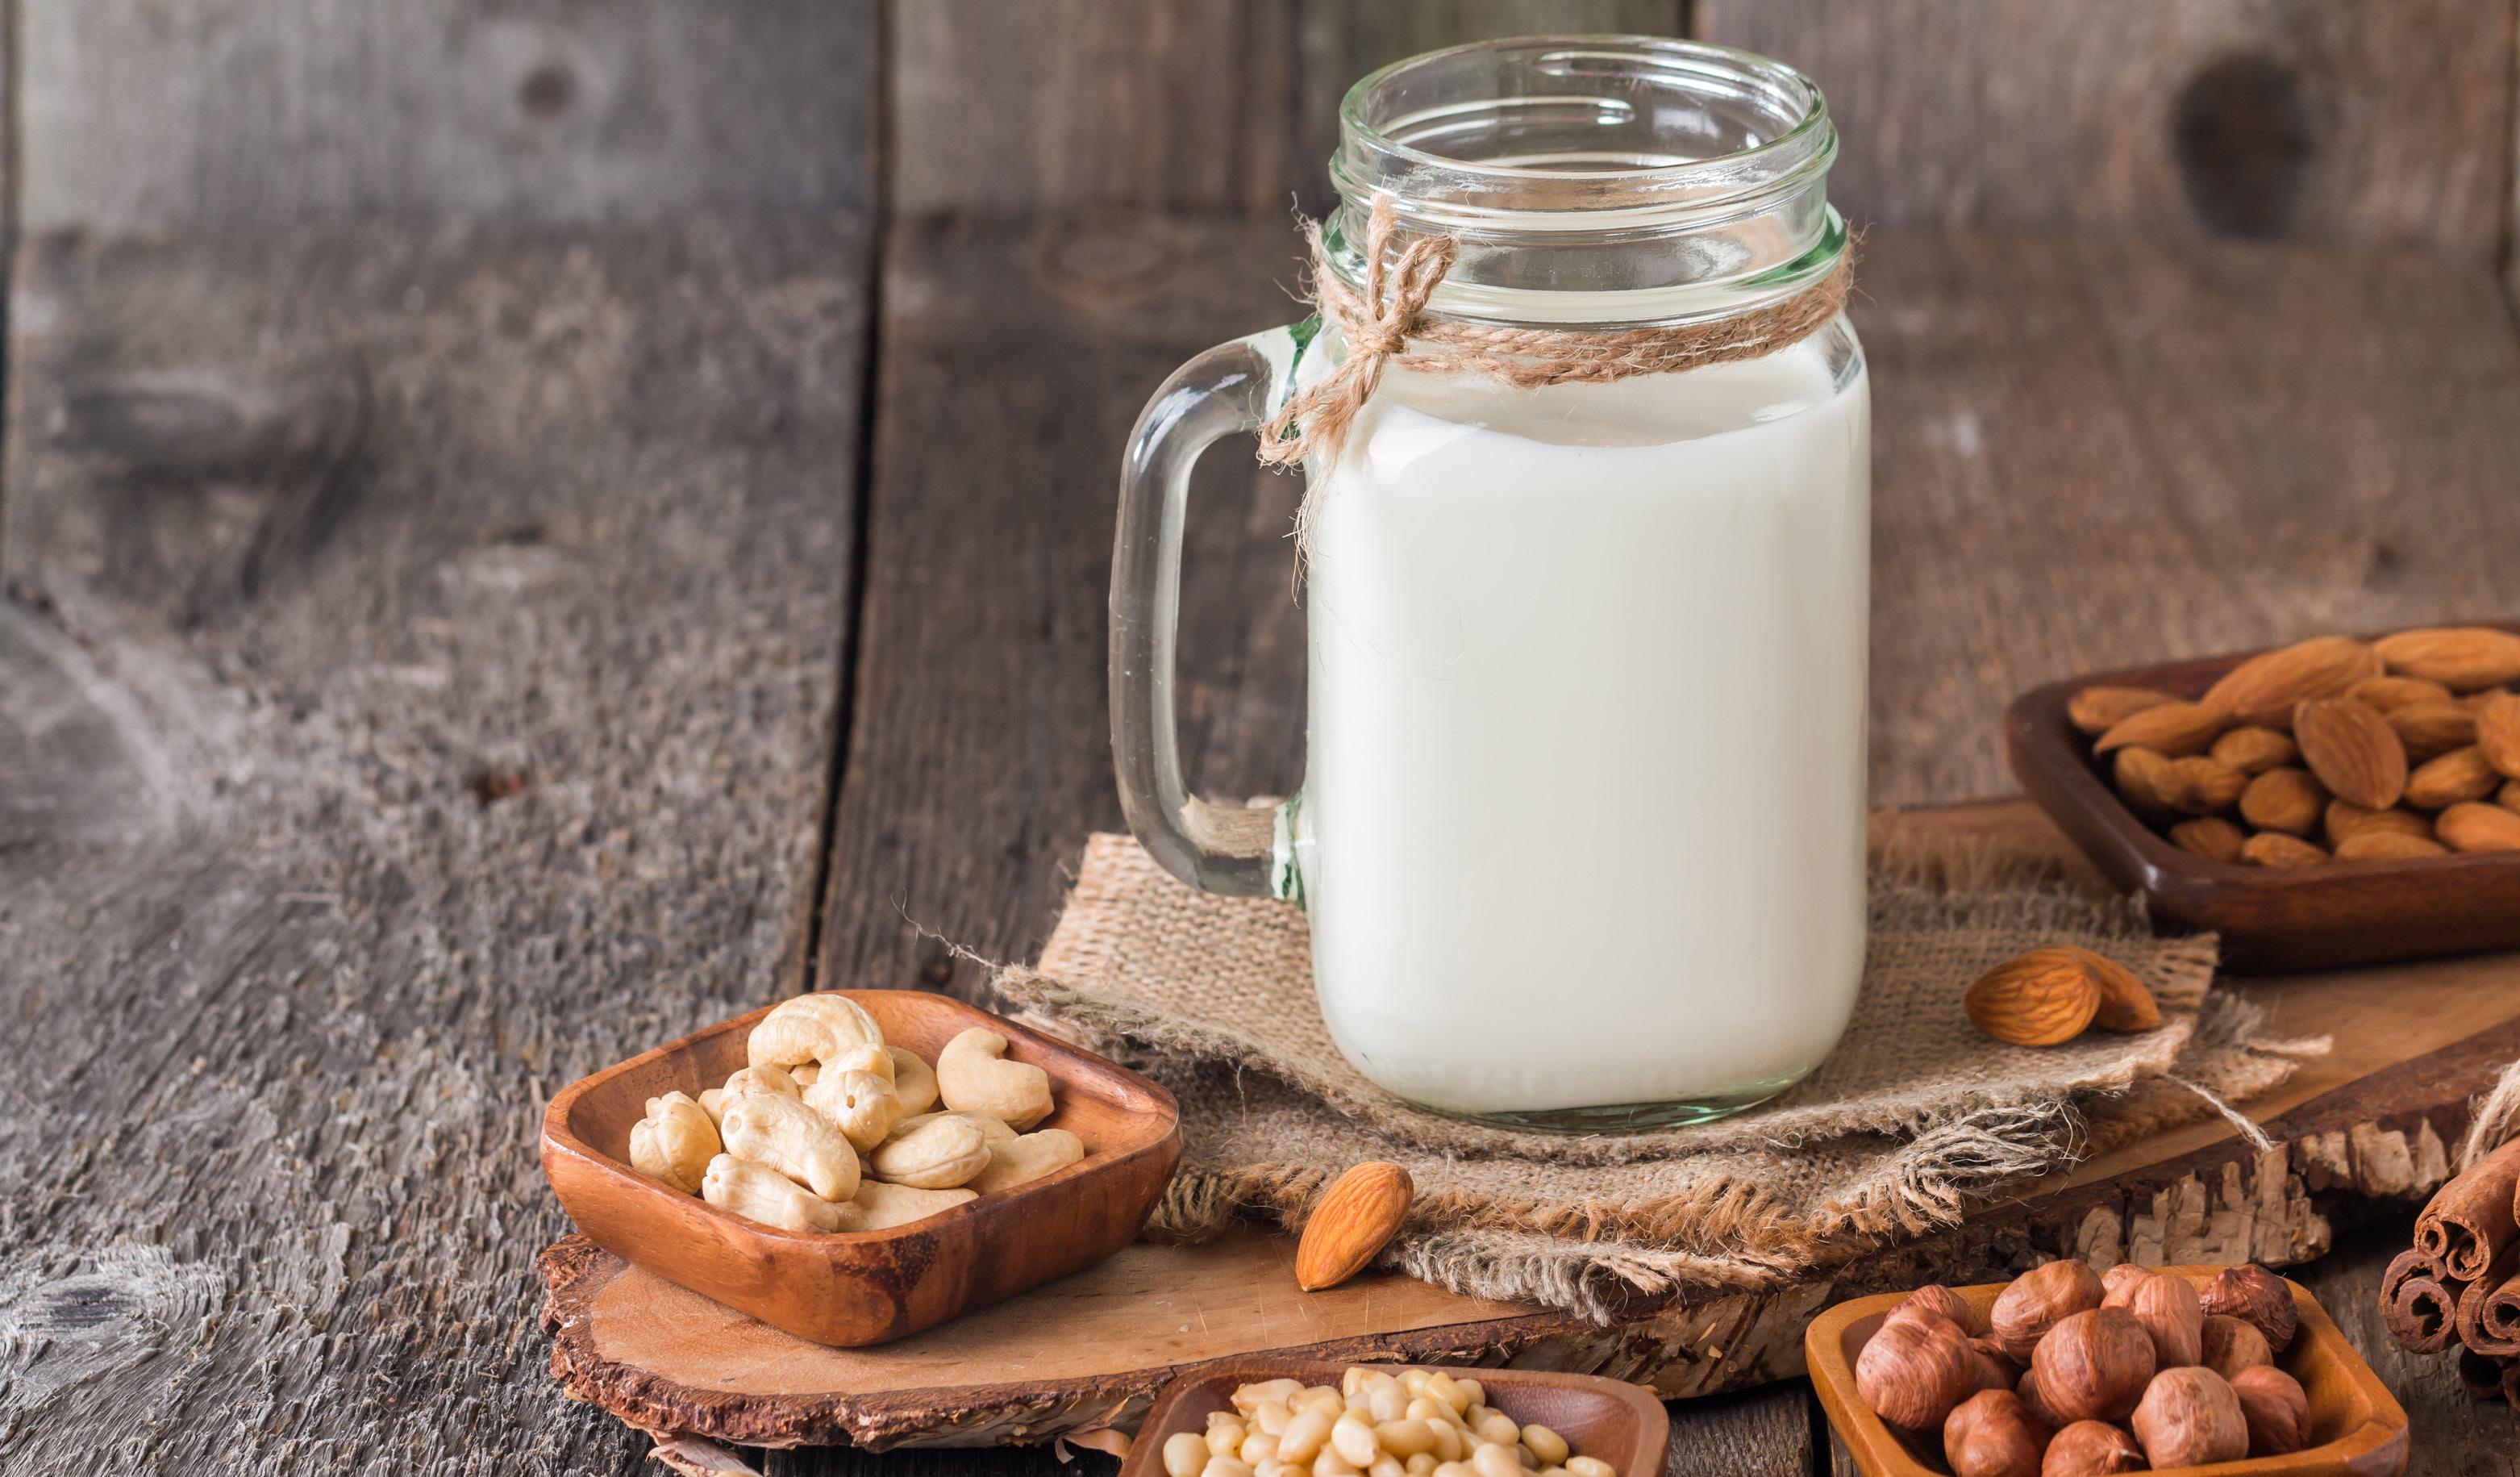 Растительное молоко: как приготовить в домашних условиях, рецепты